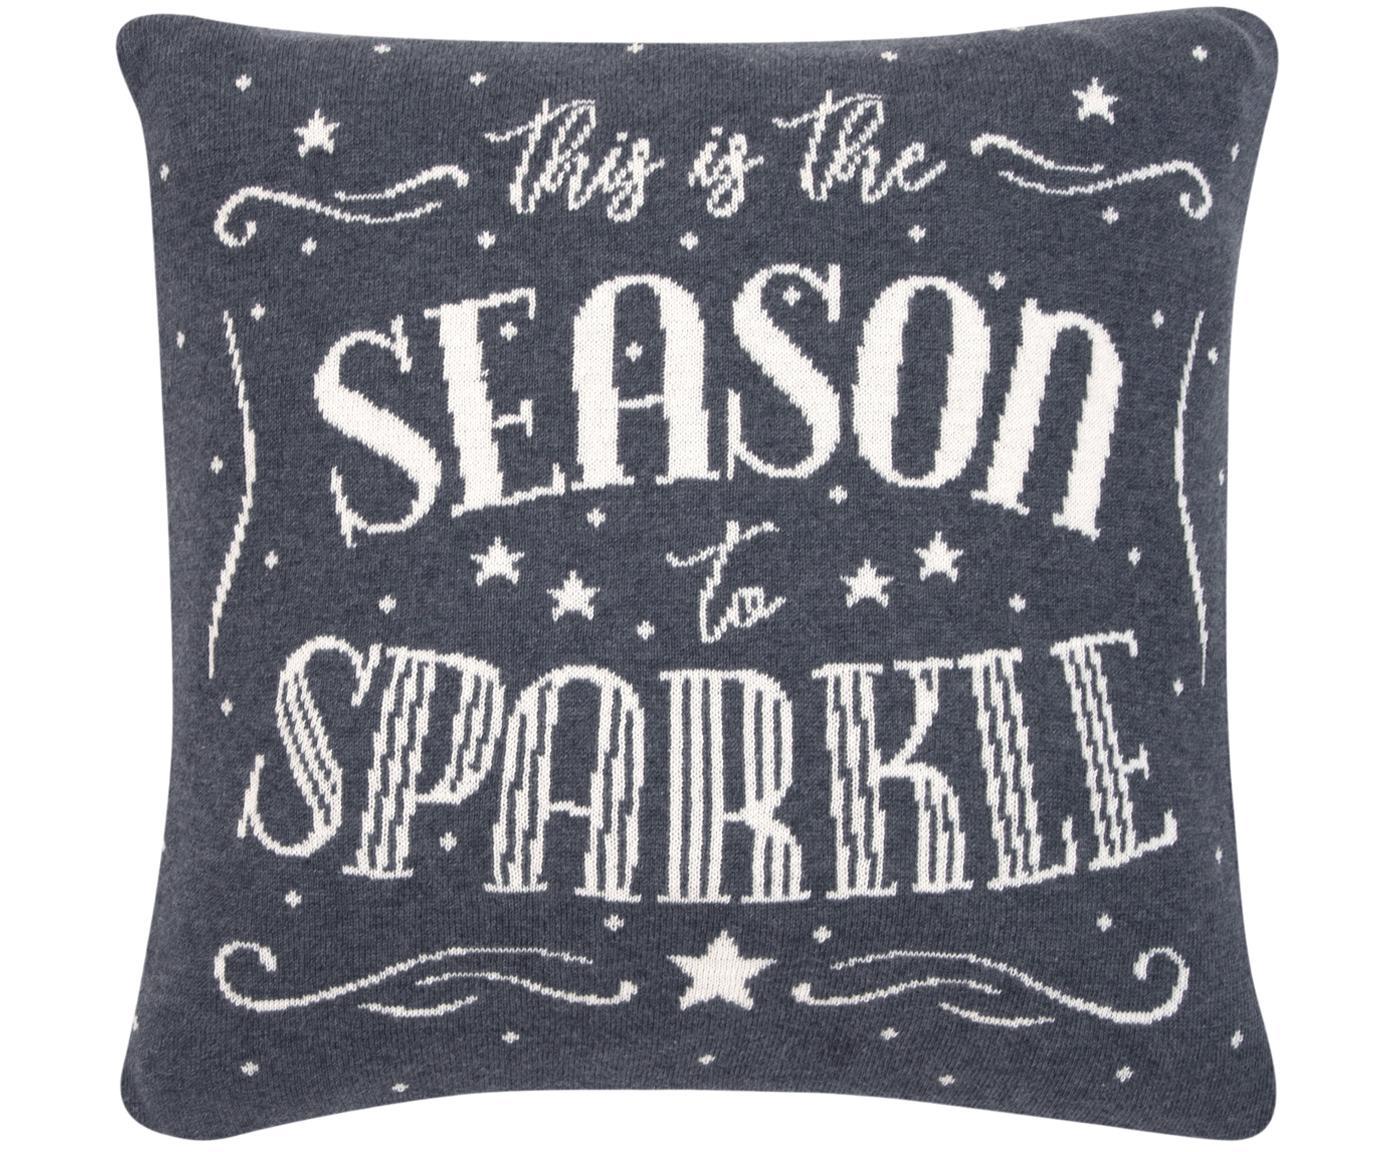 Poszewka na poduszkę Sparkle, 100% bawełna, Szary, kremowobiały, S 40 x D 40 cm